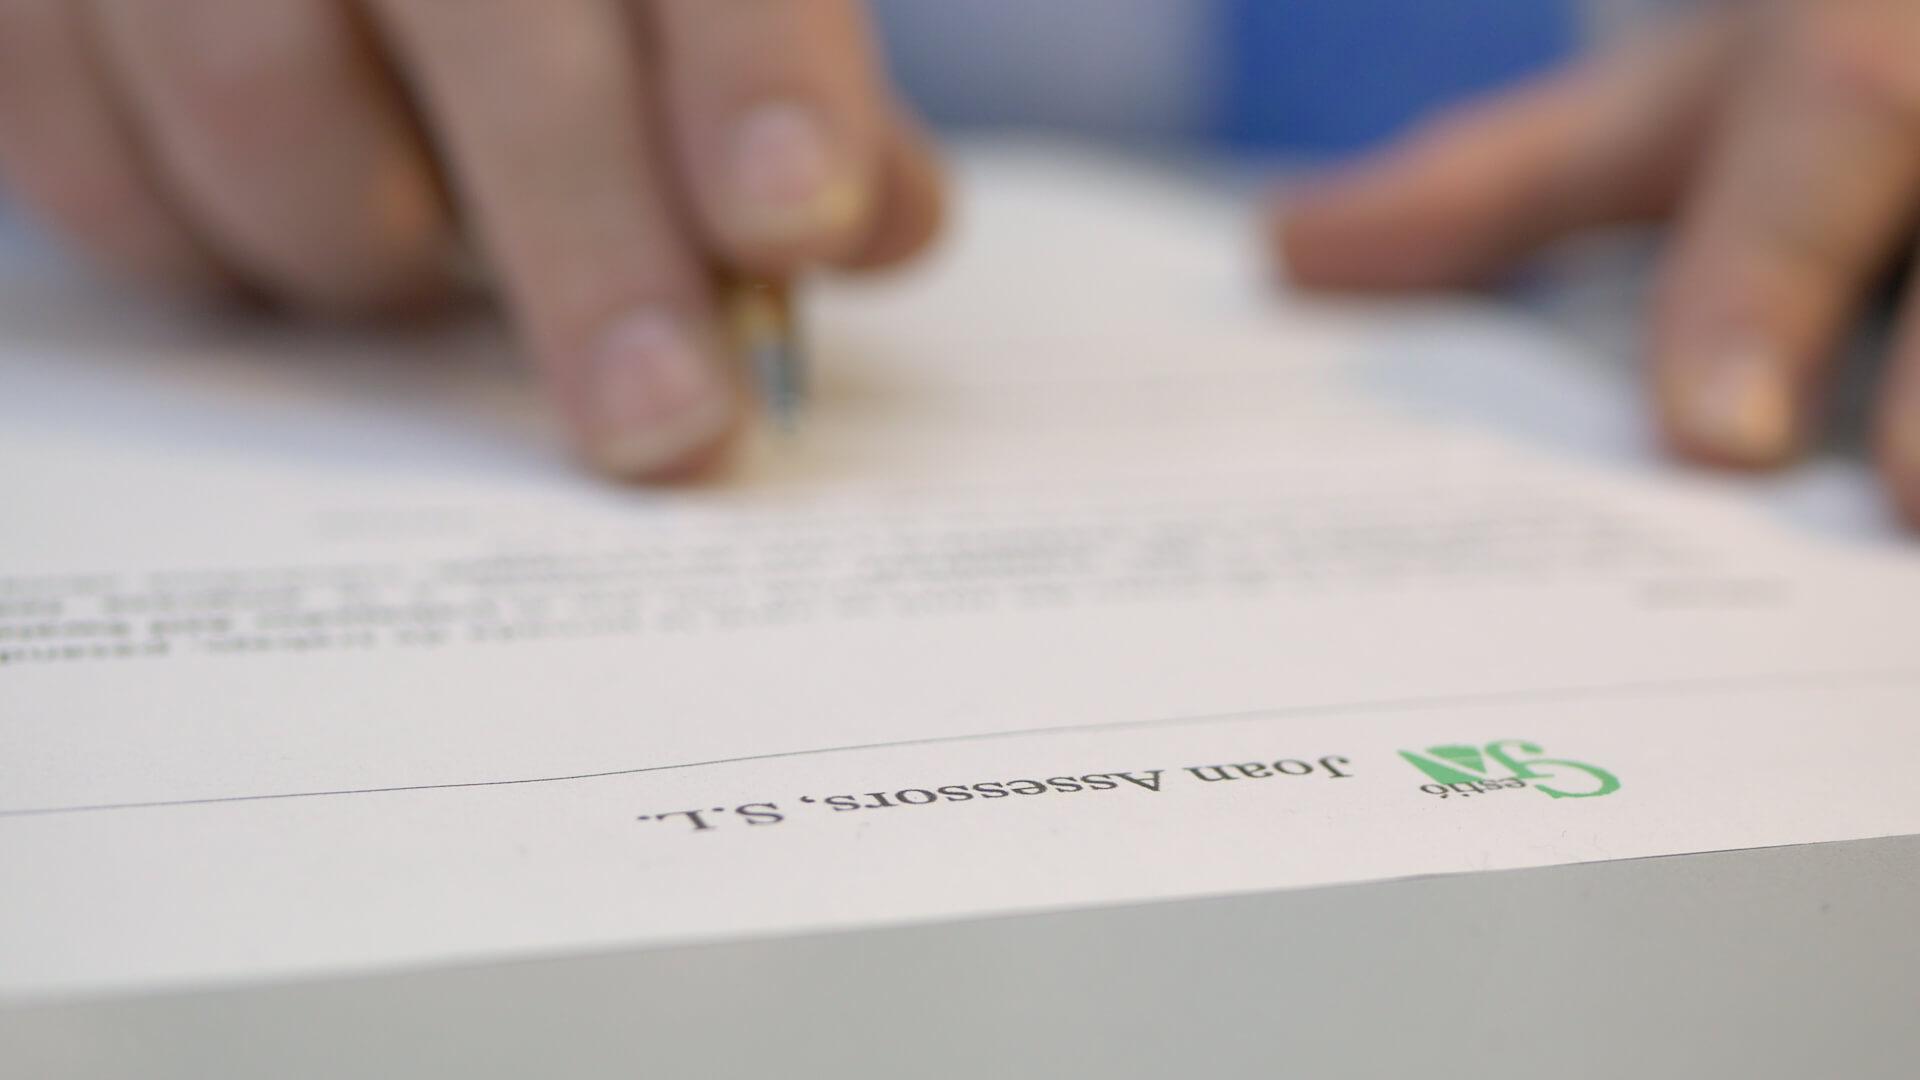 Asesoria gestoria Valencia fiscal, laboral, contable y jurídica